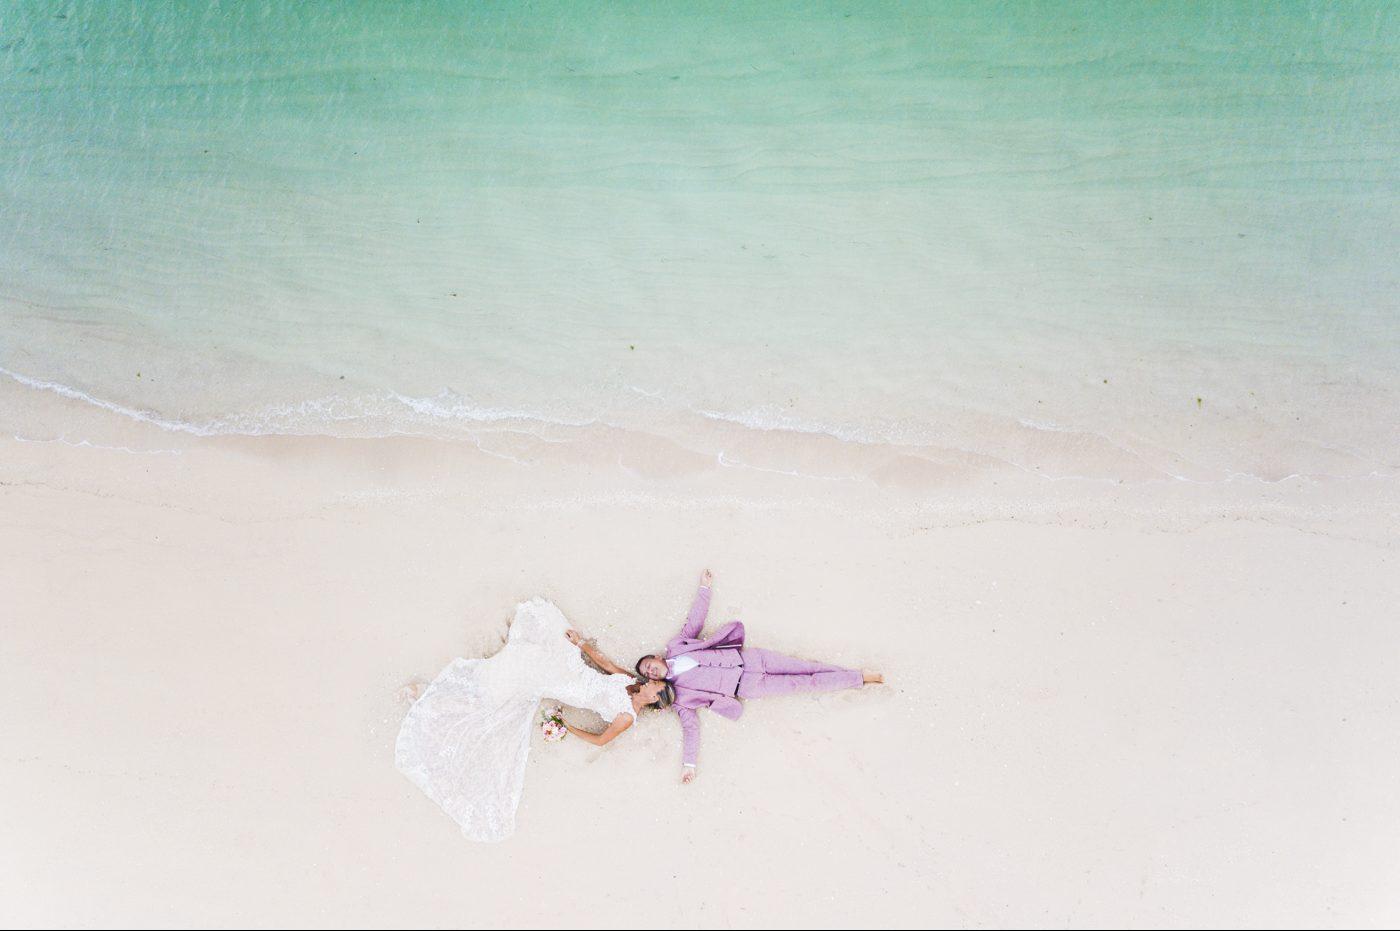 BRITTANY GLENANS WEDDING PHOTOGRAPHER